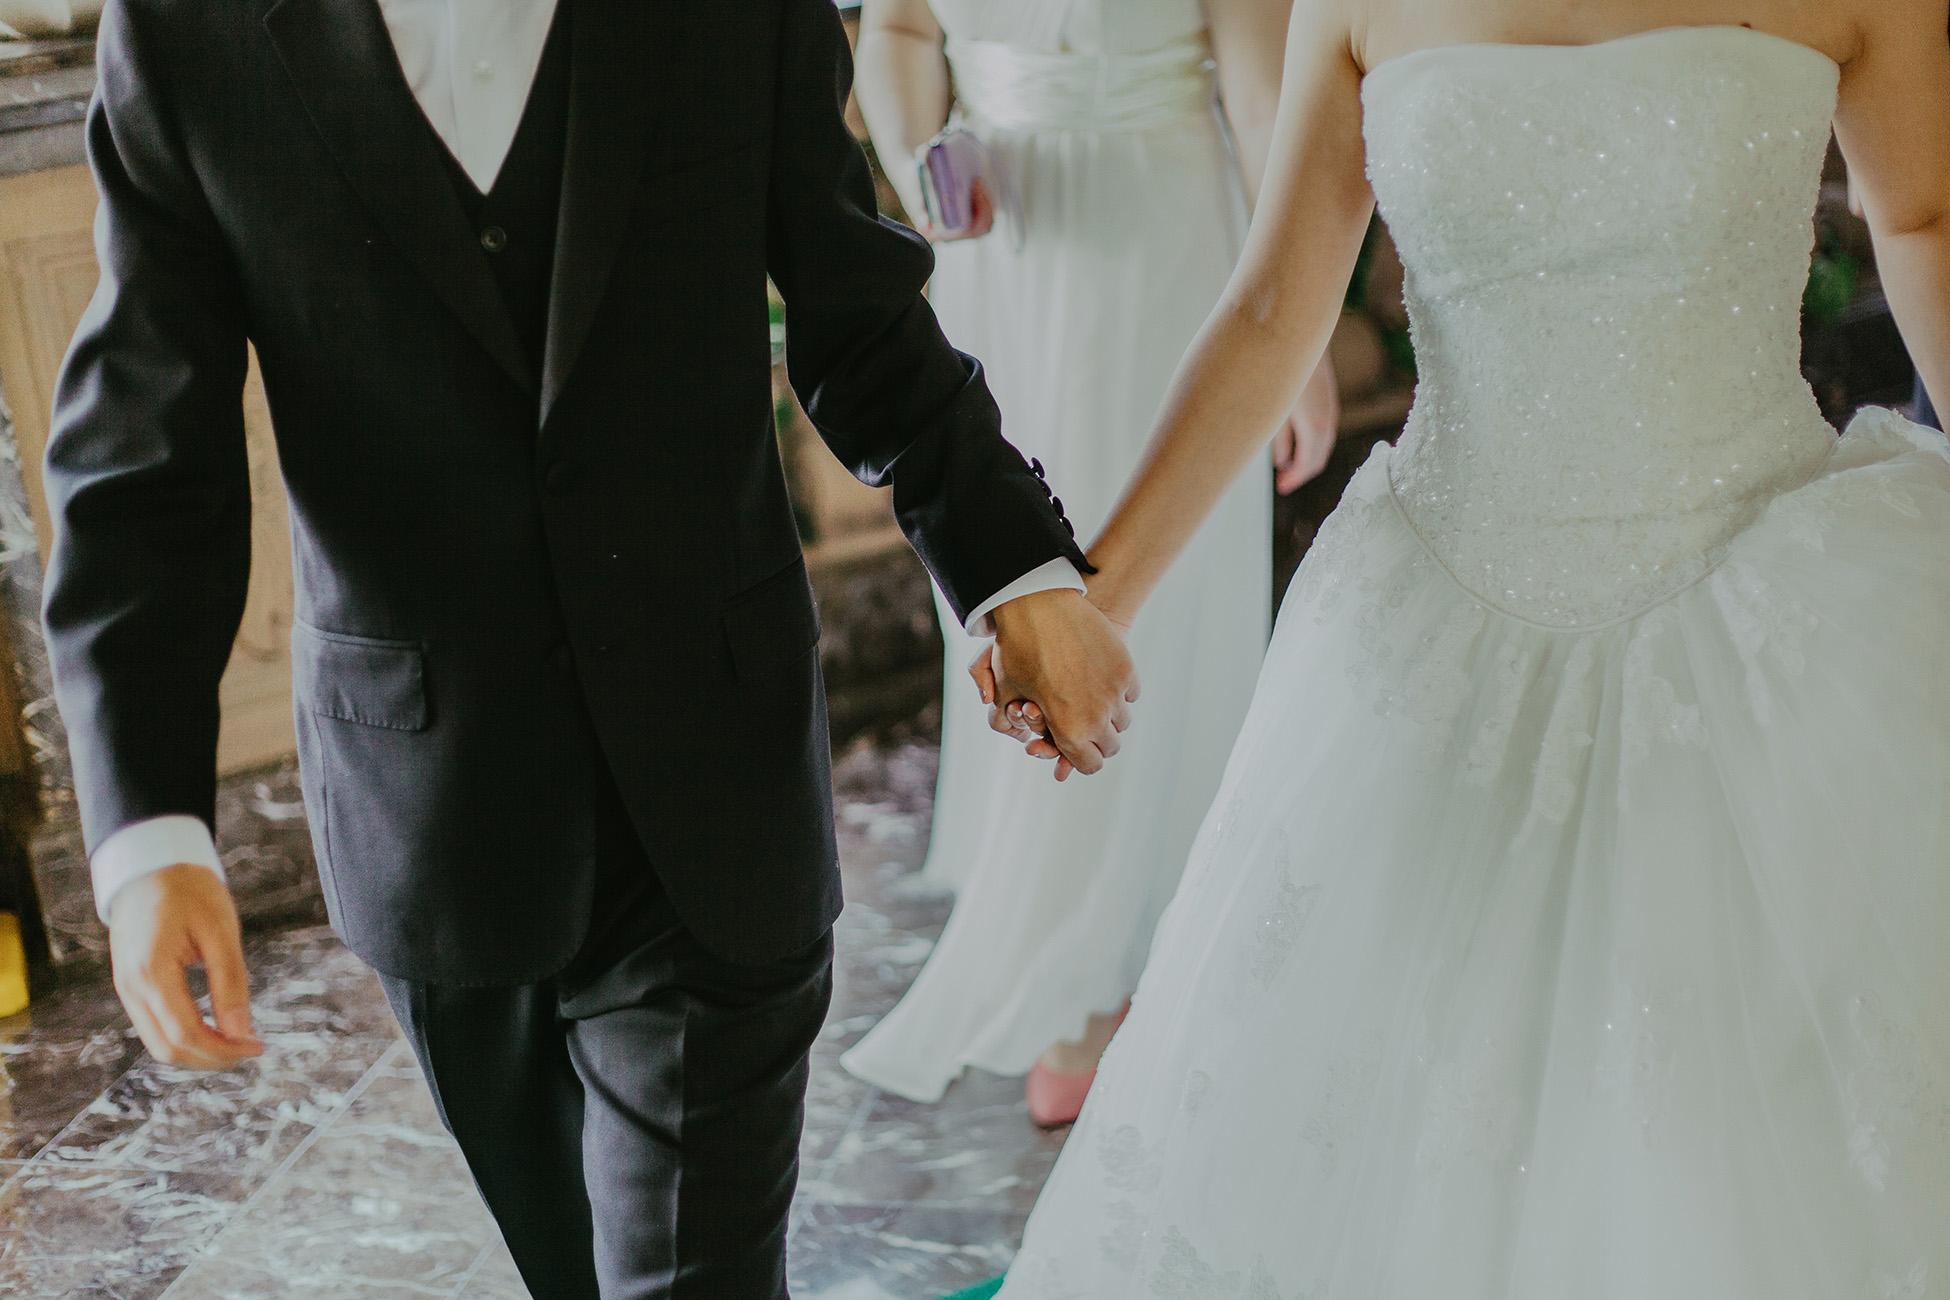 dettagli-sposi-matrimonio-elegante